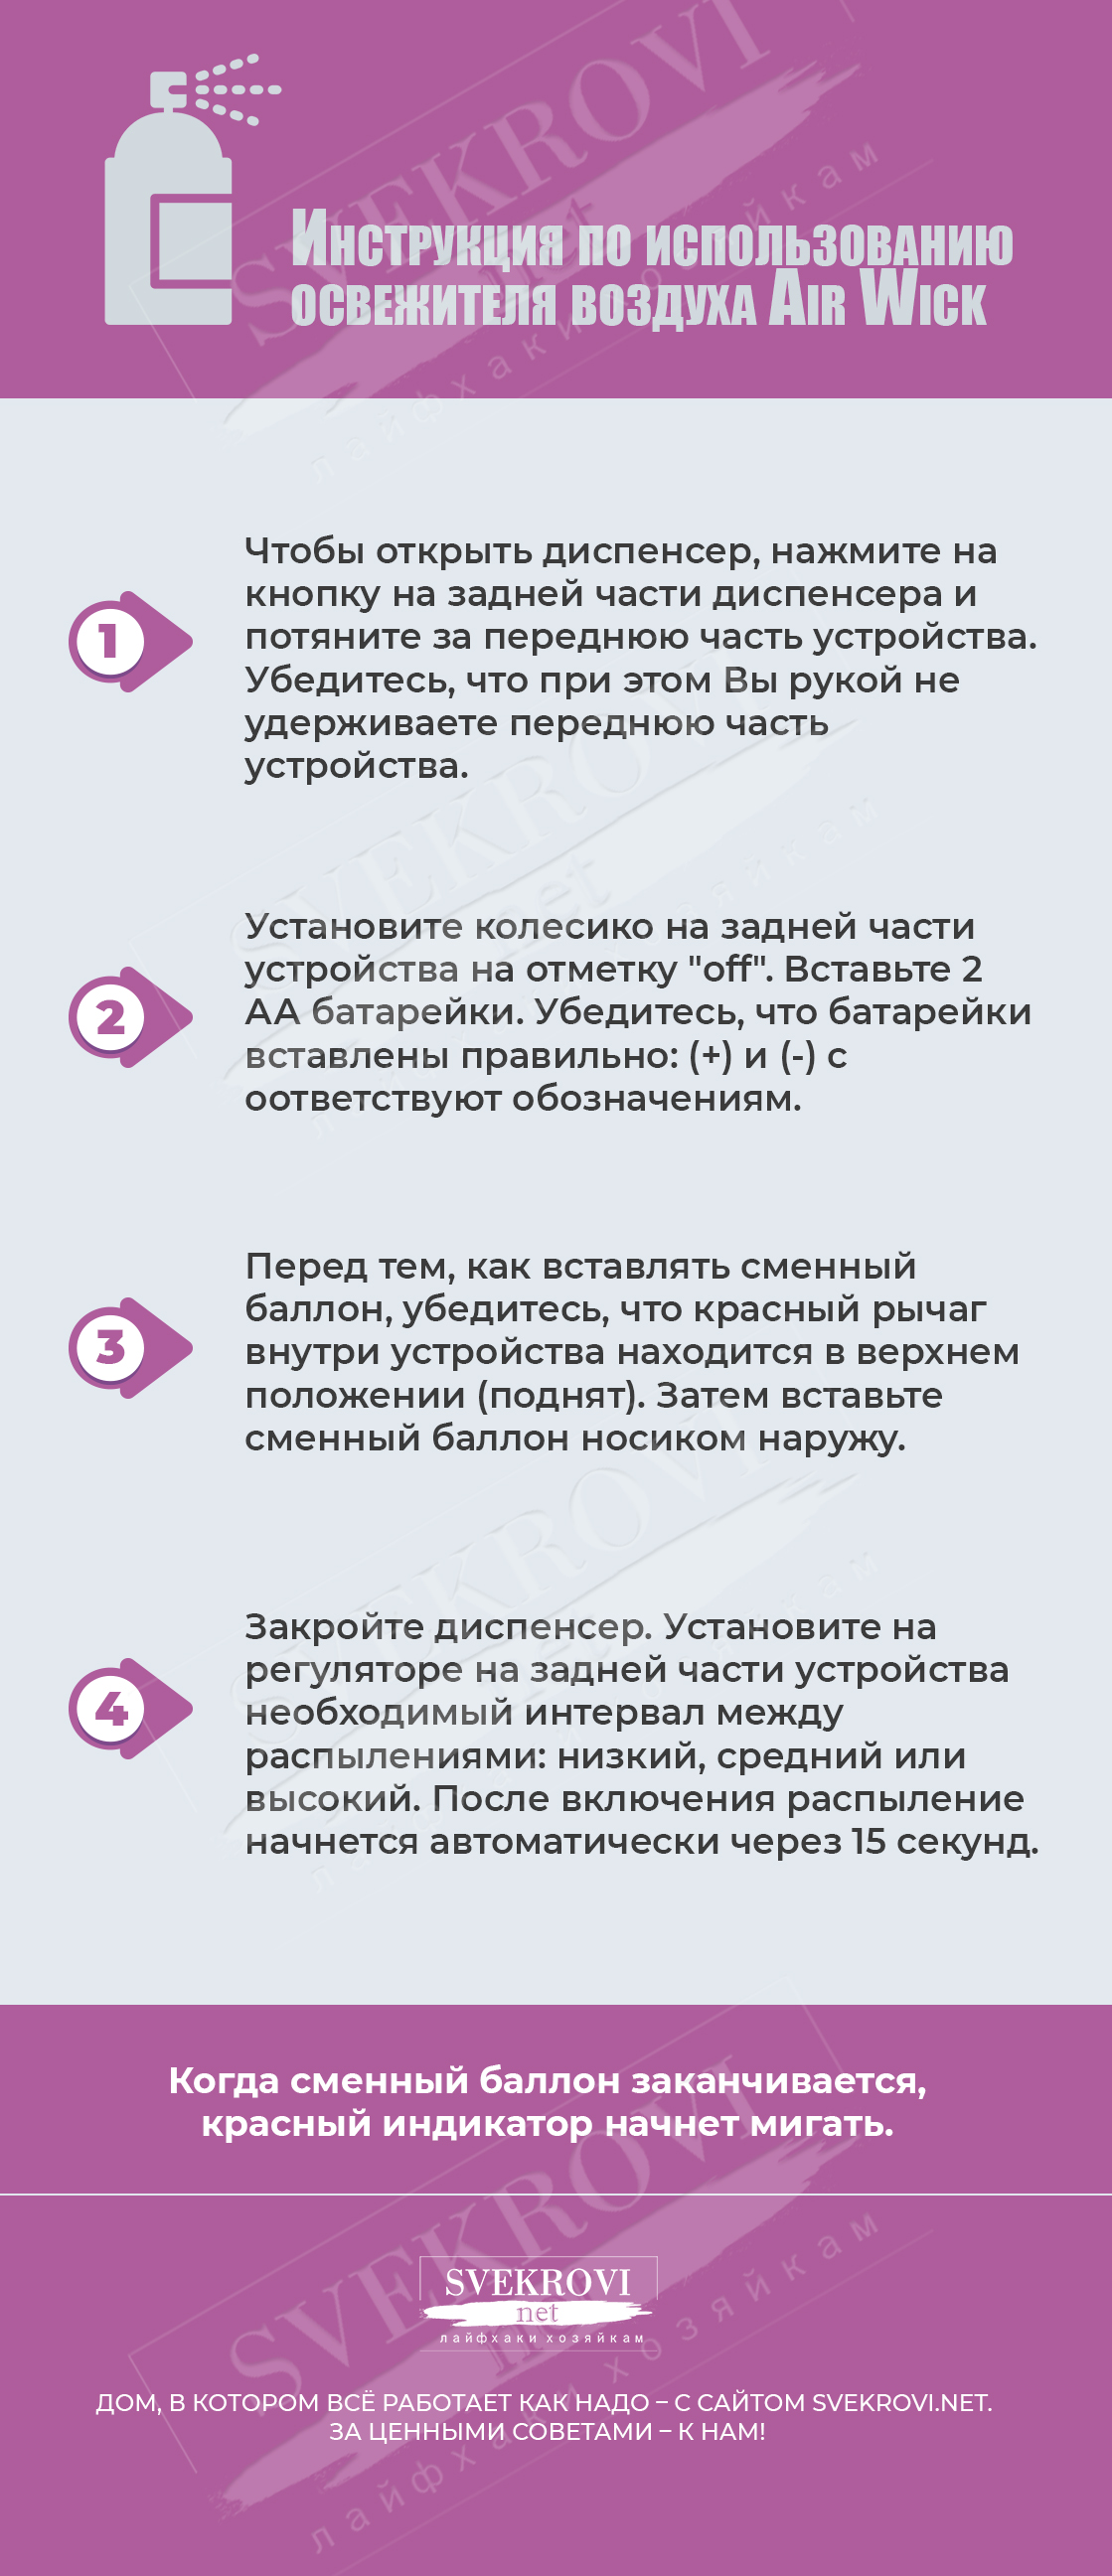 Основные этапы использования